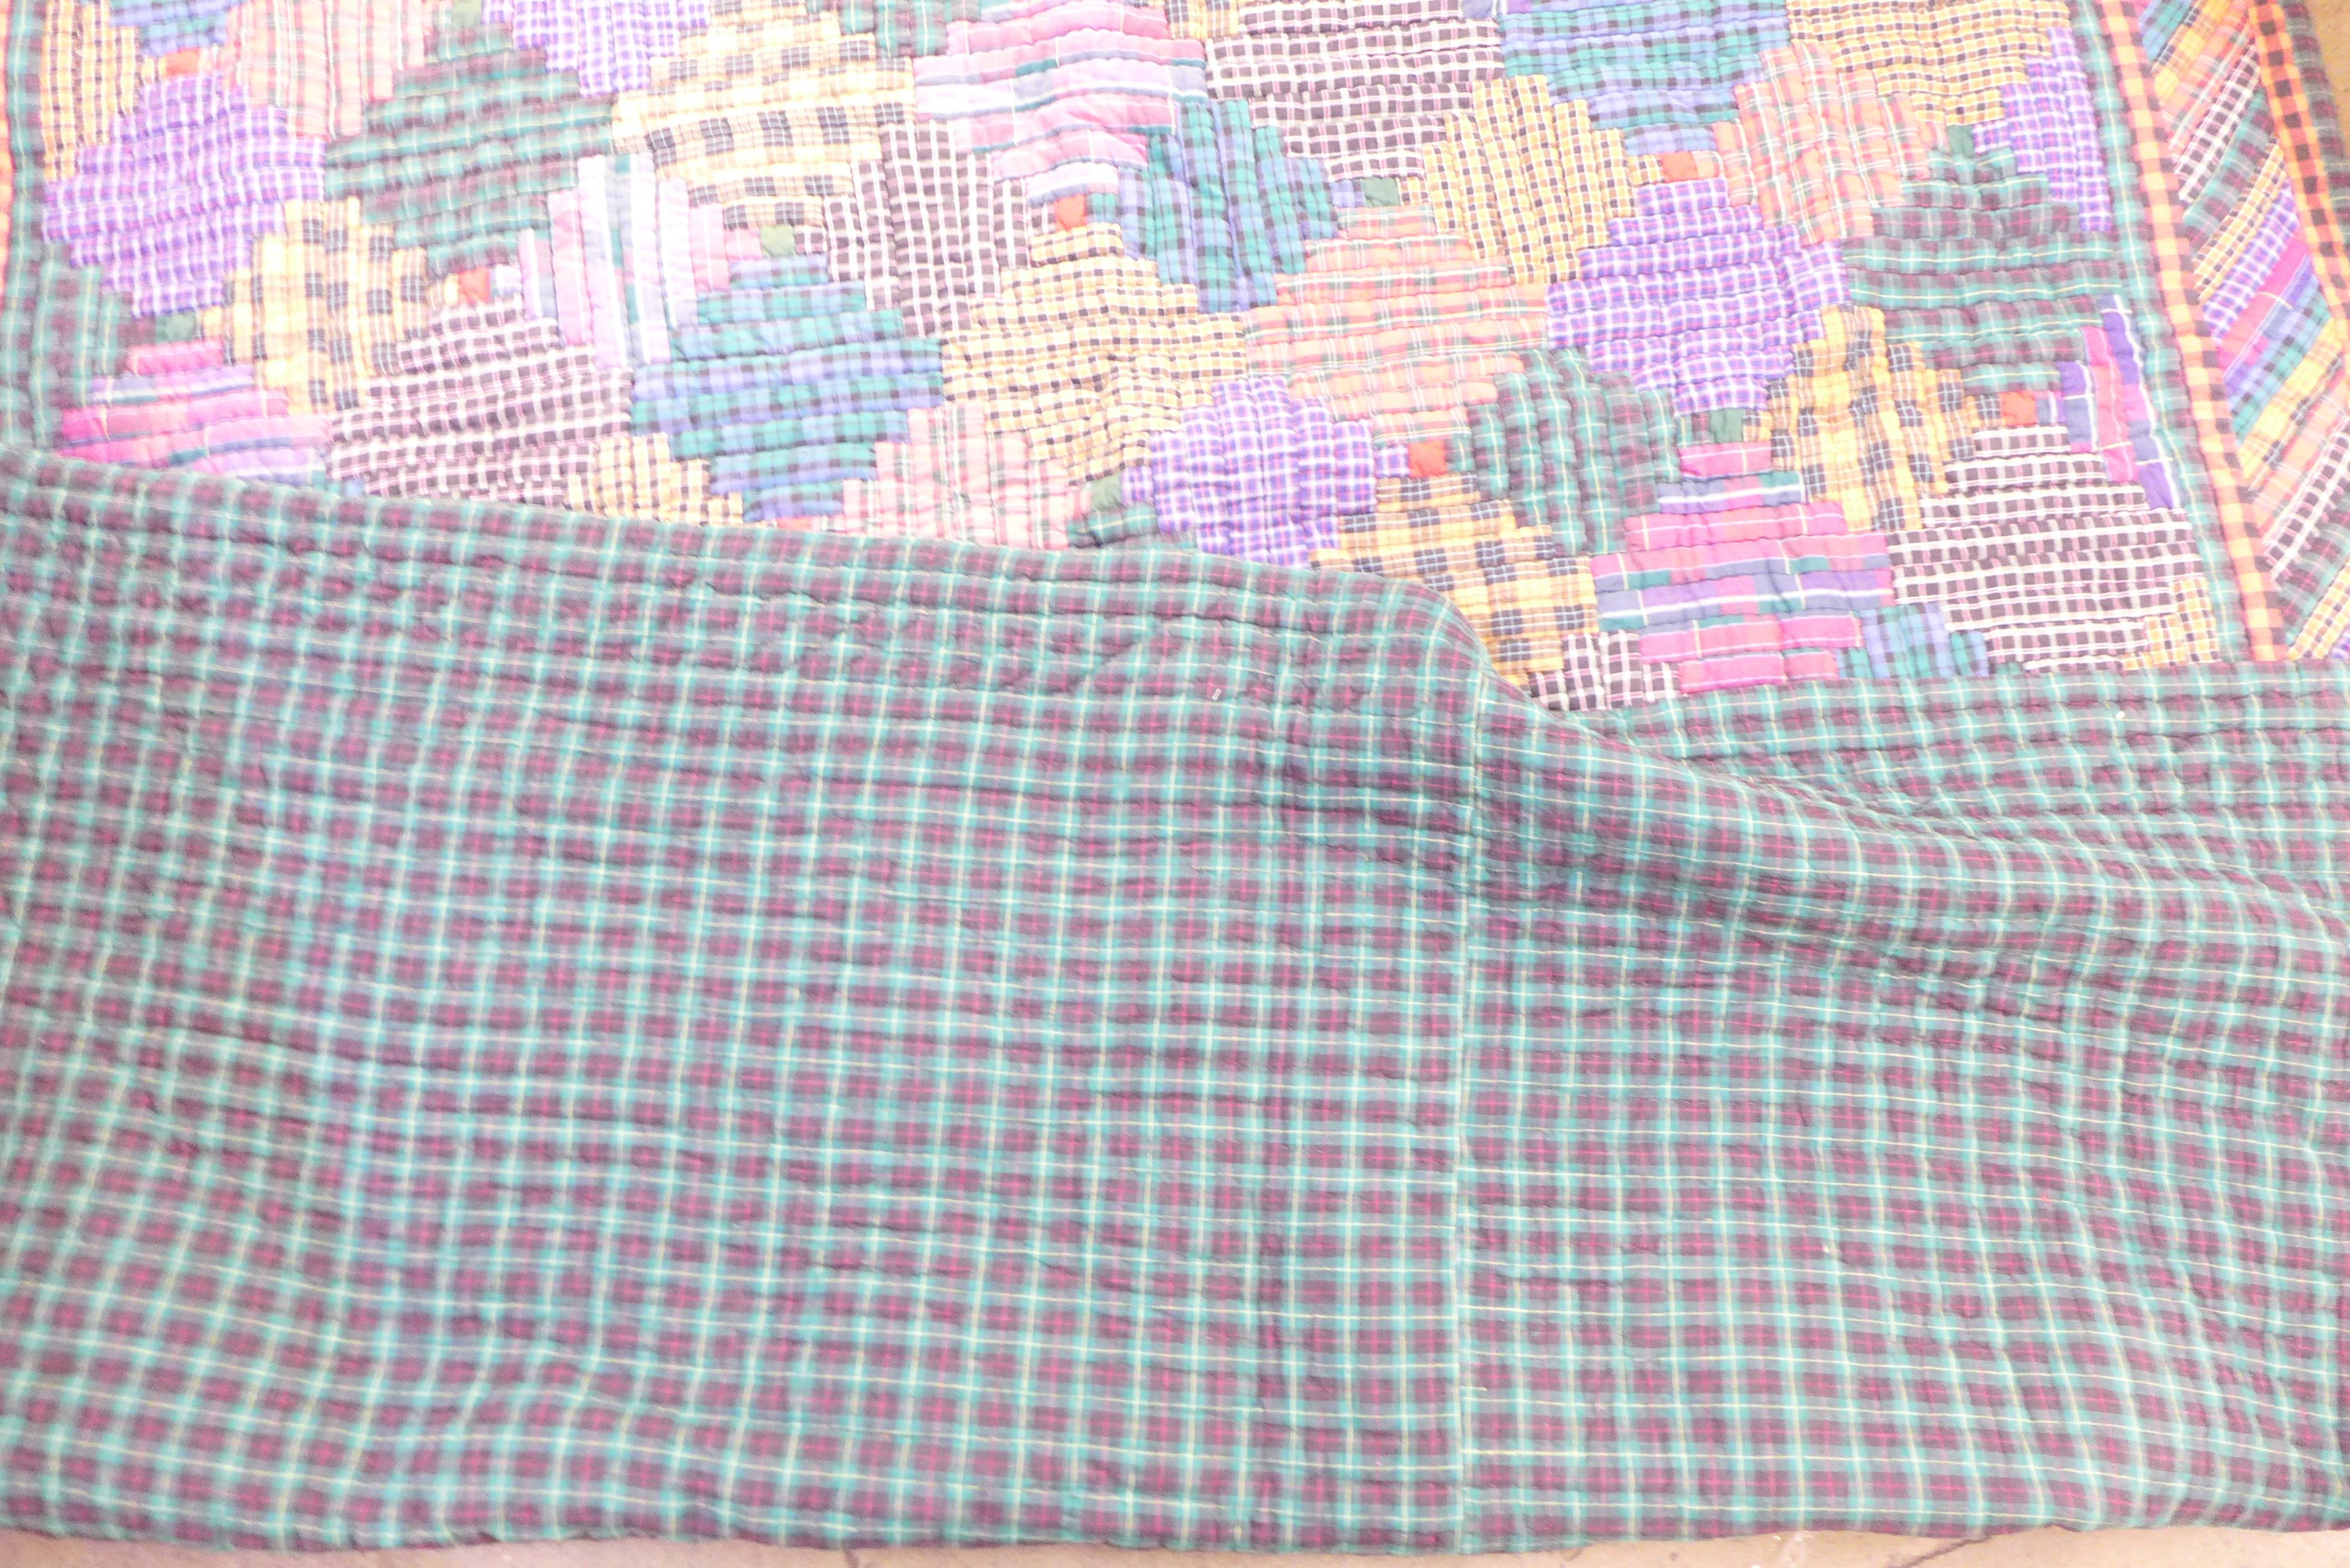 A vintage 1970's/80's quilt, Nimble Fingers 100% cotton, double to kingsize - Image 3 of 4